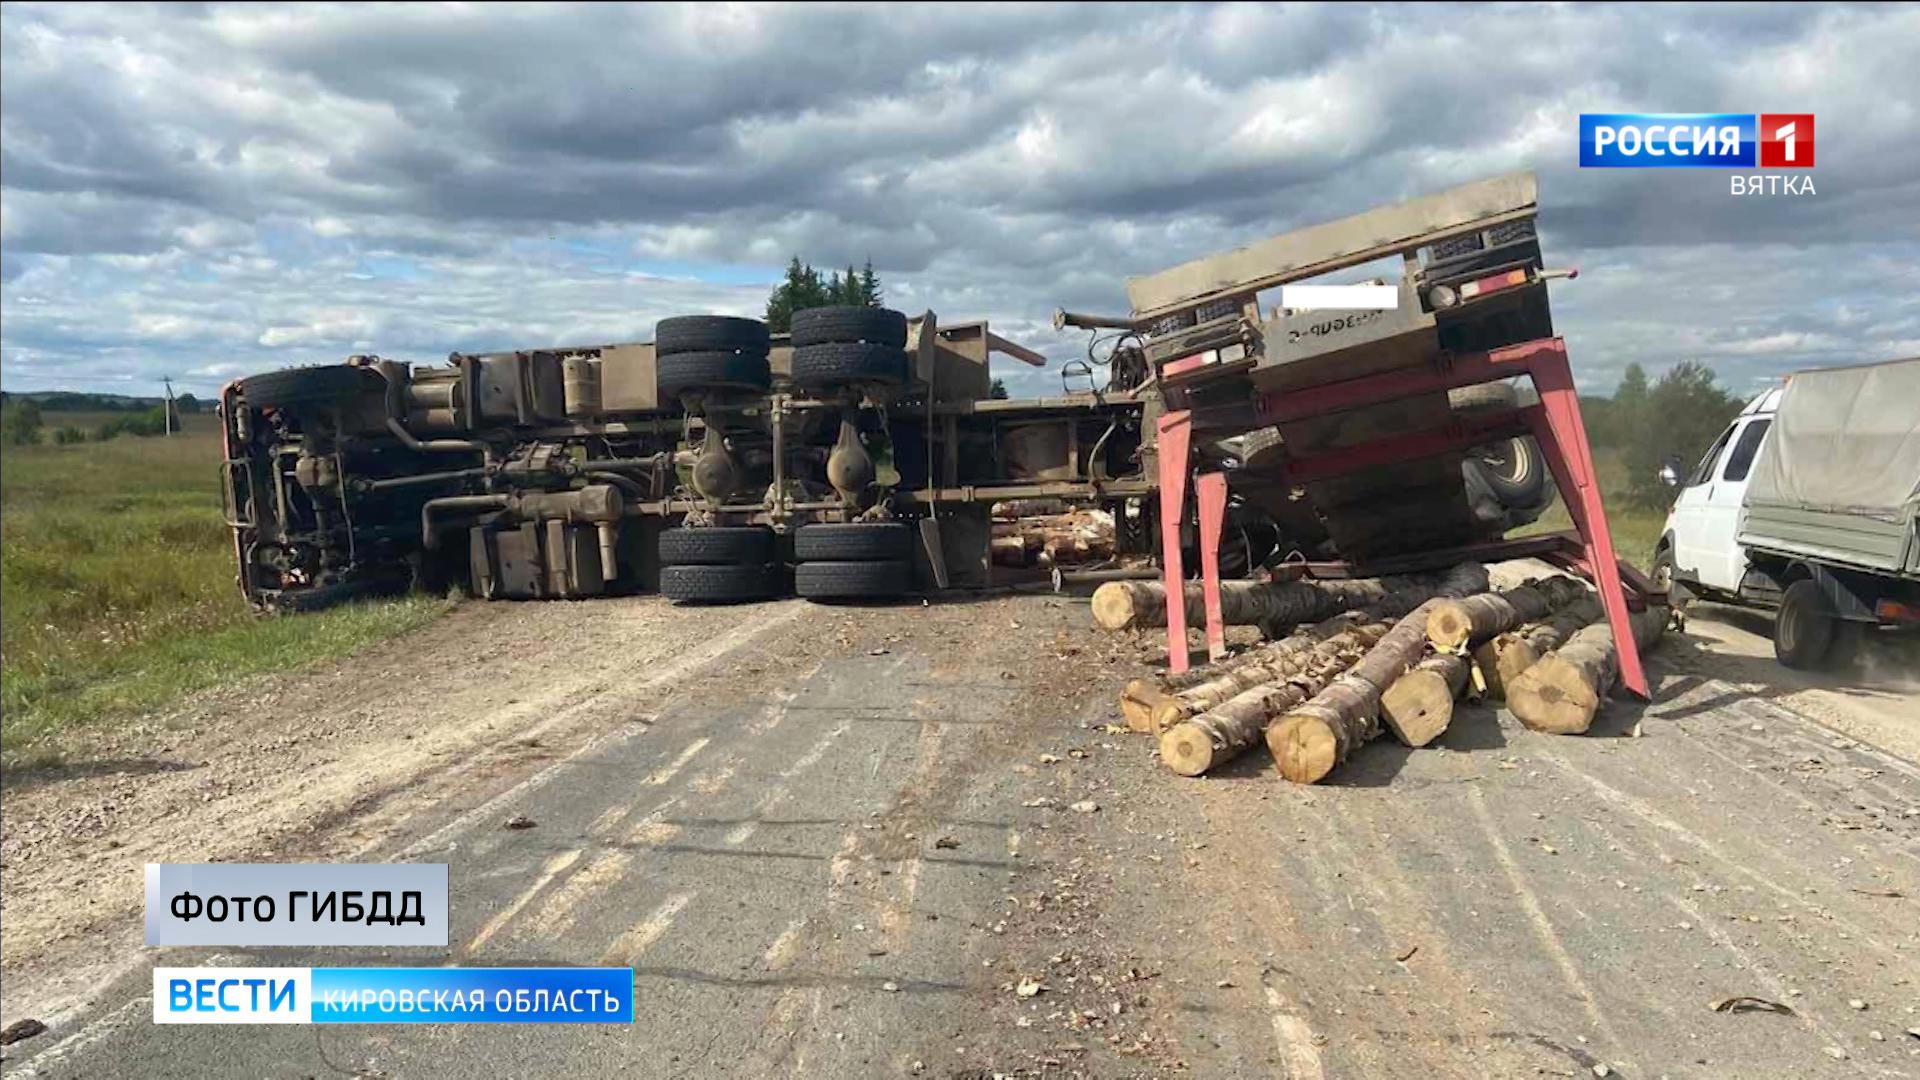 В Котельничском районе на трассе опрокинулся лесовоз